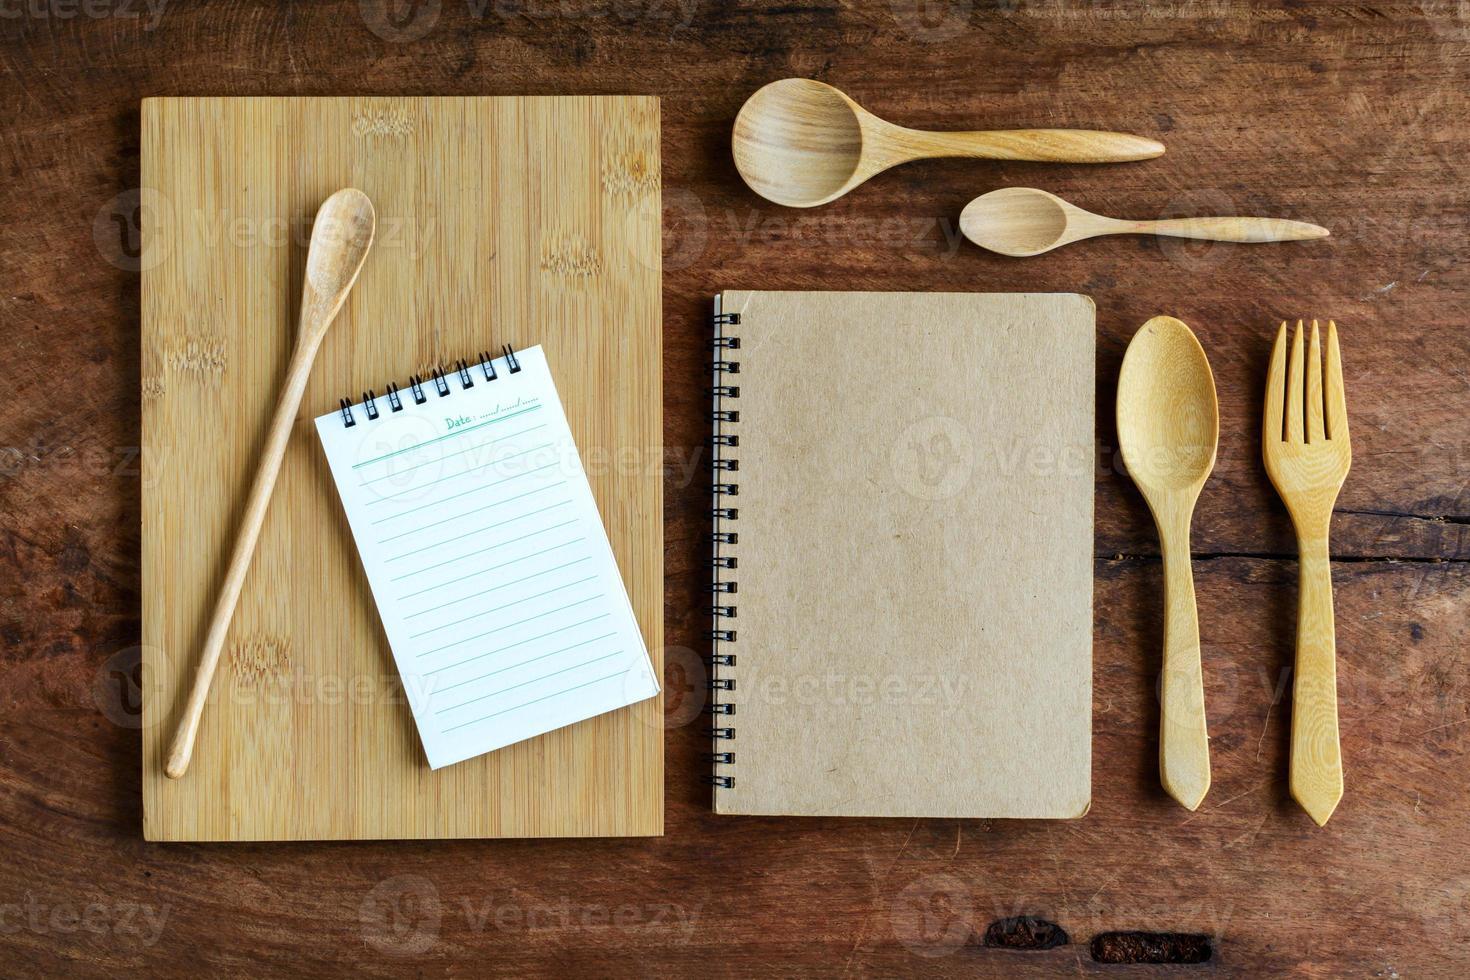 taccuino e utensile in legno su legno vecchio foto